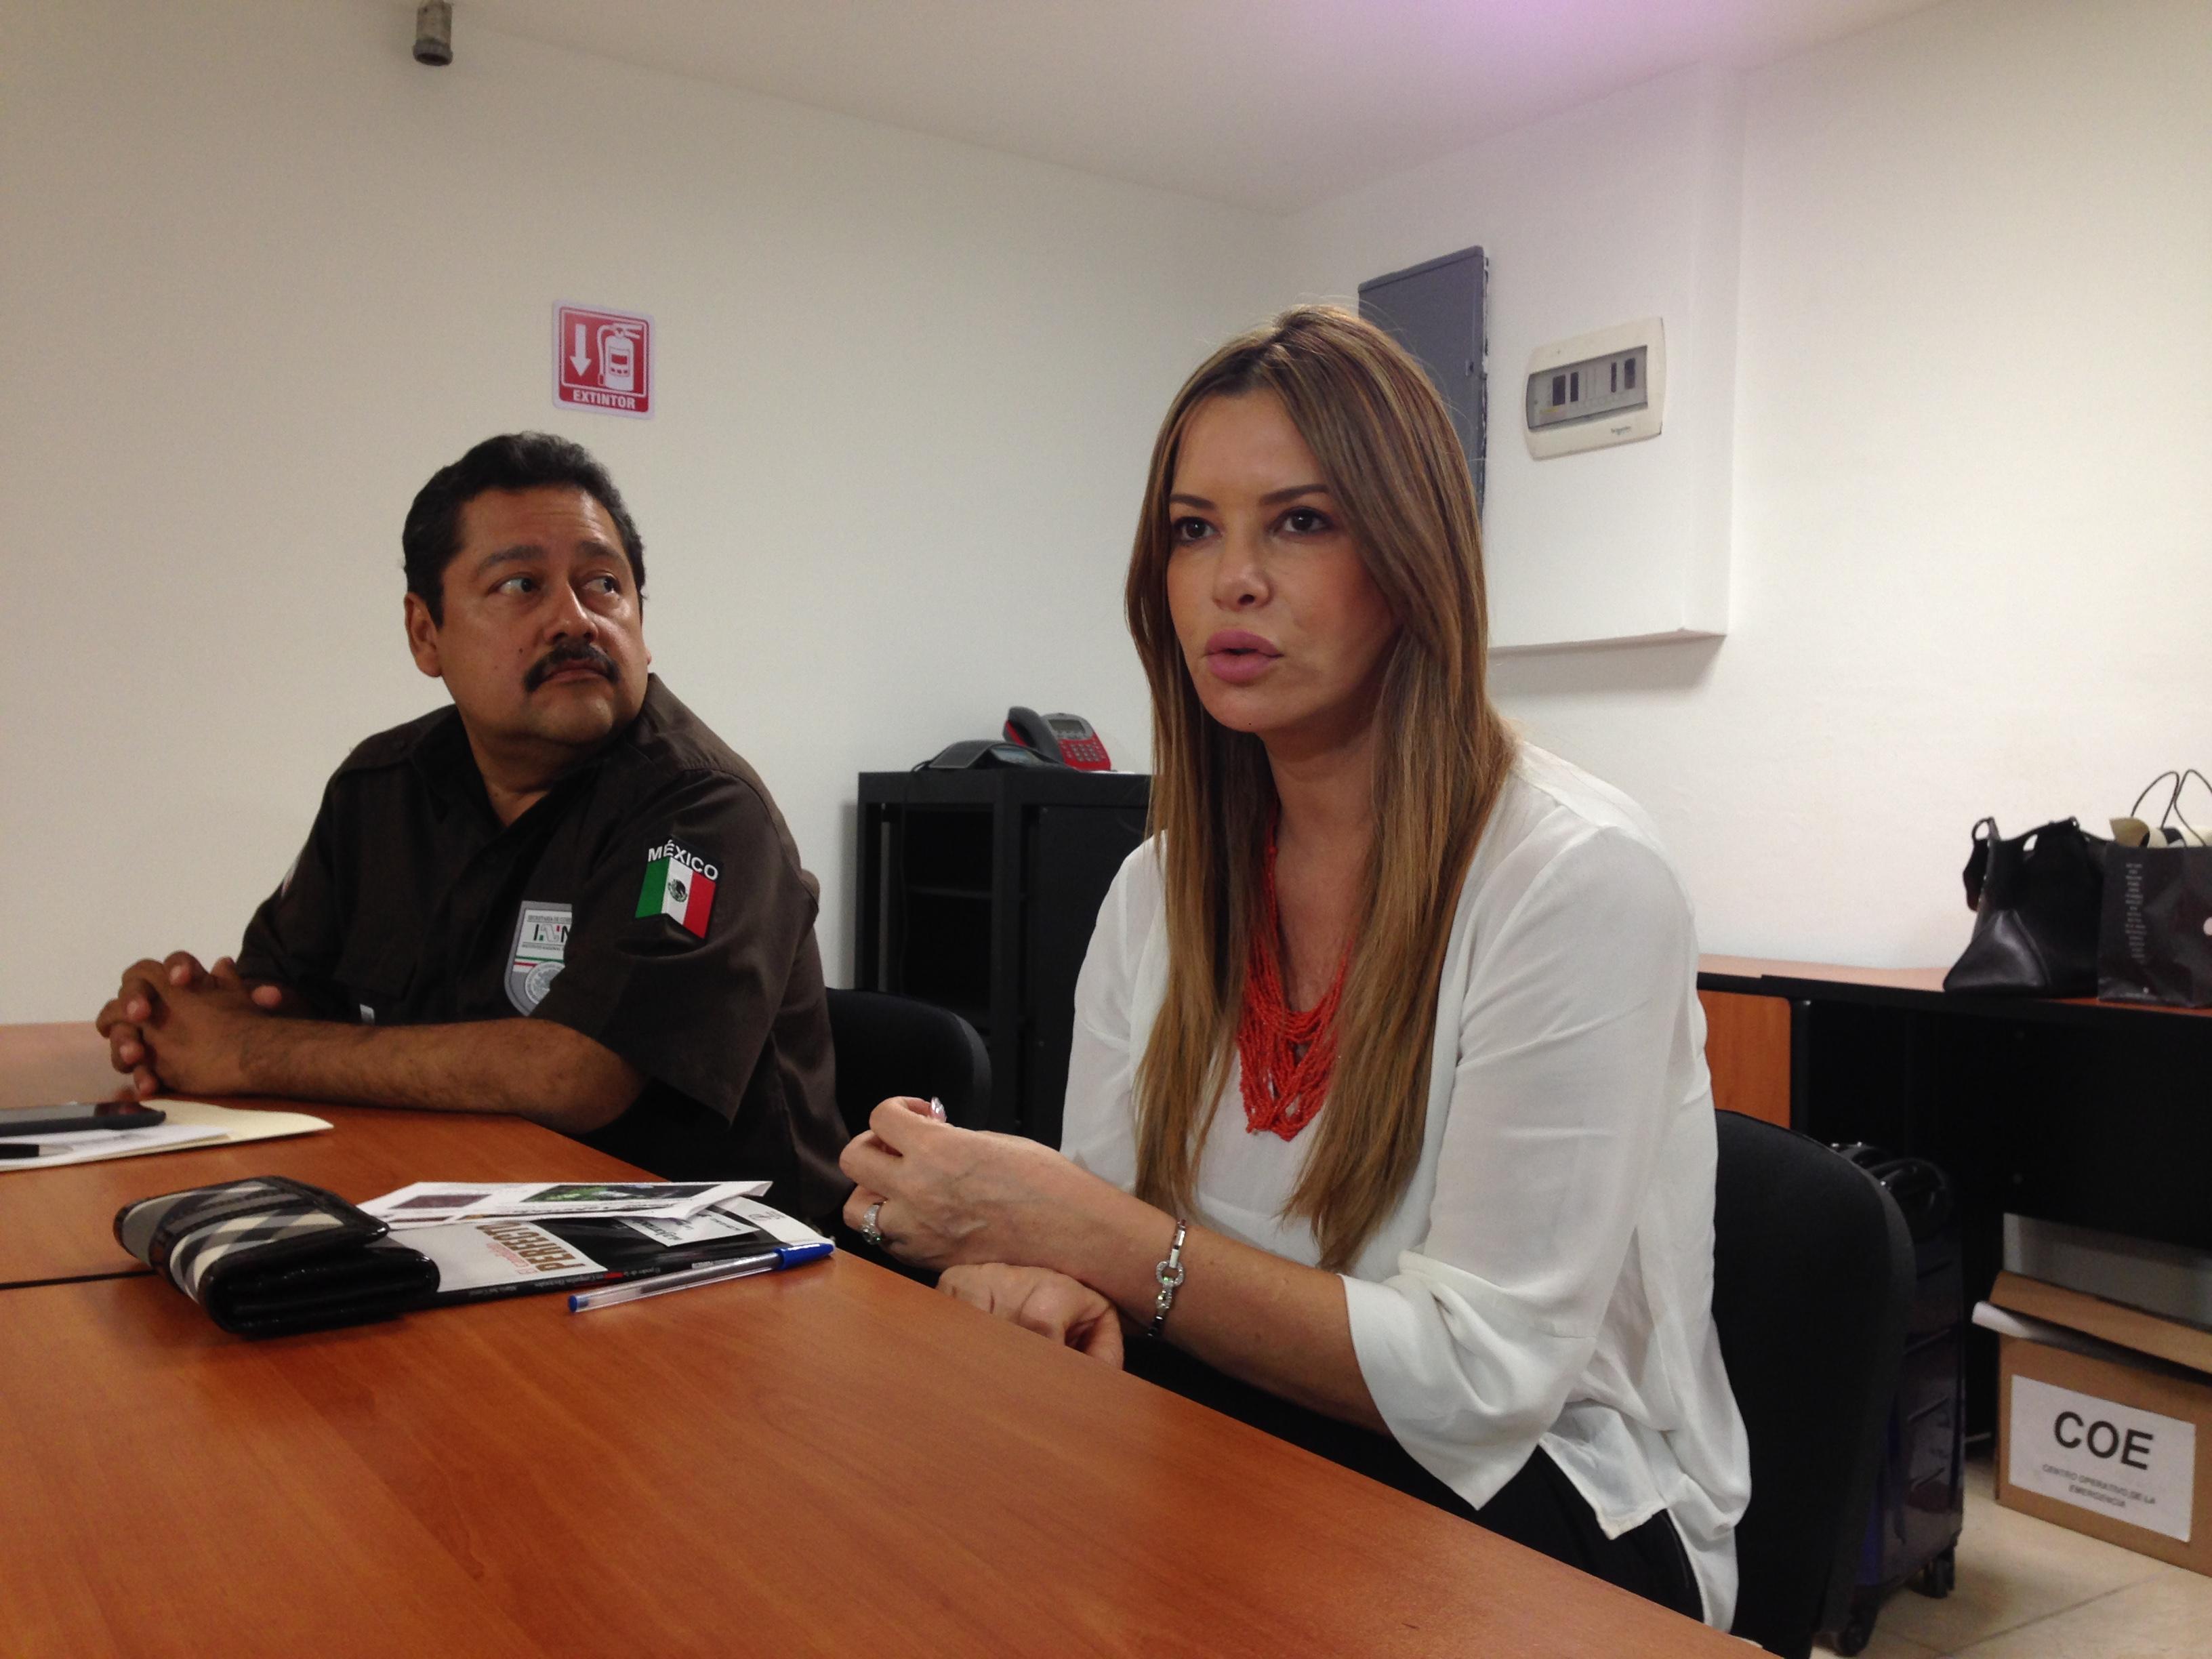 Cónsul de Ecuador exige búsqueda de traficantes de personas